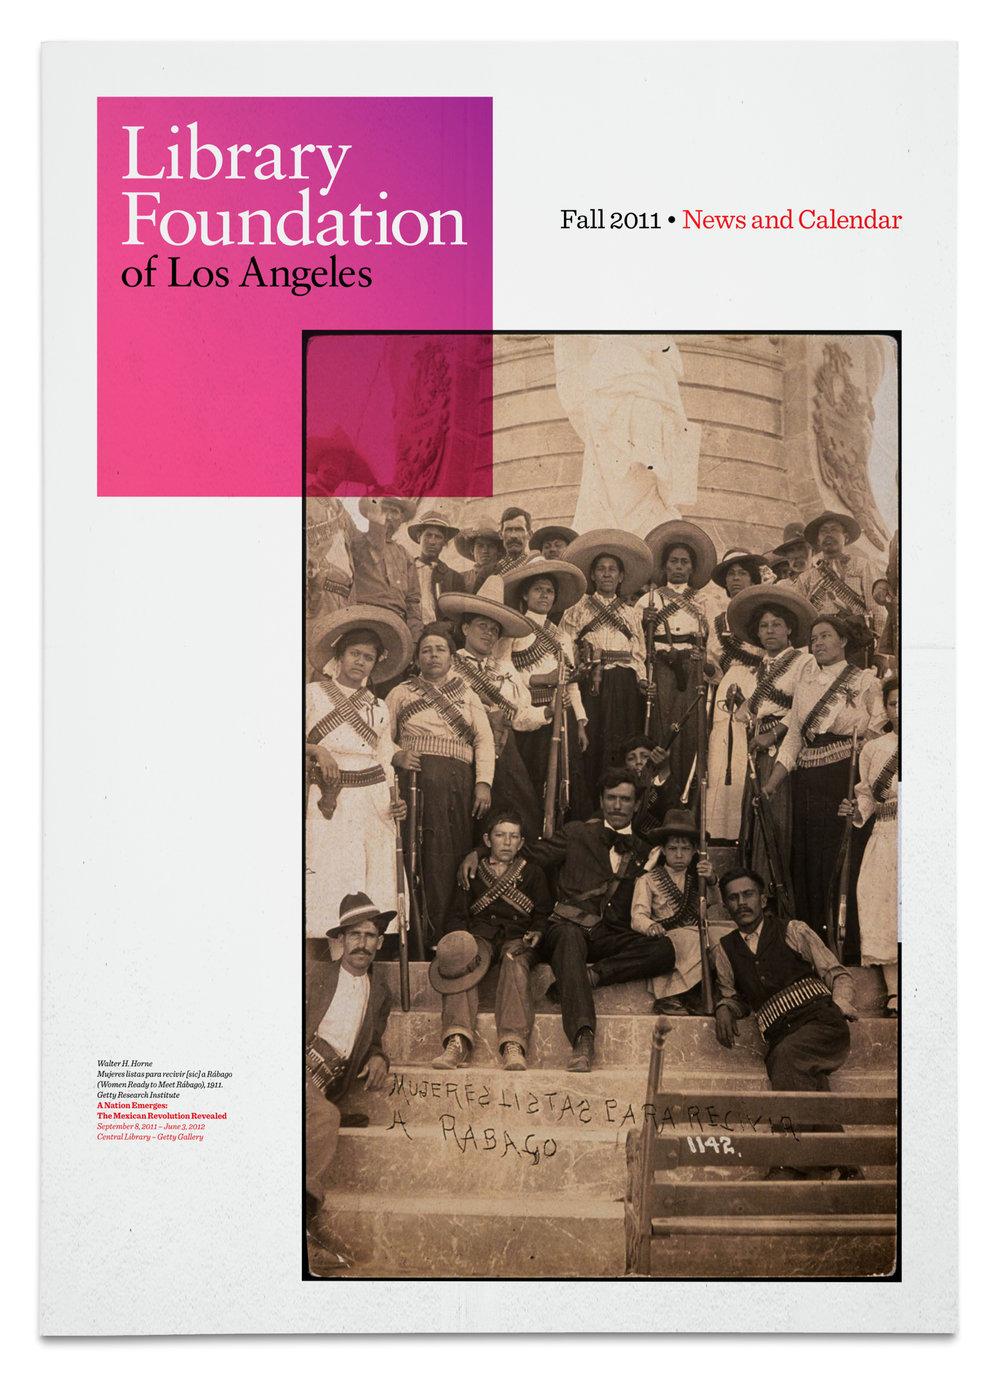 Brochure-0305-2015-08-20_1.jpg